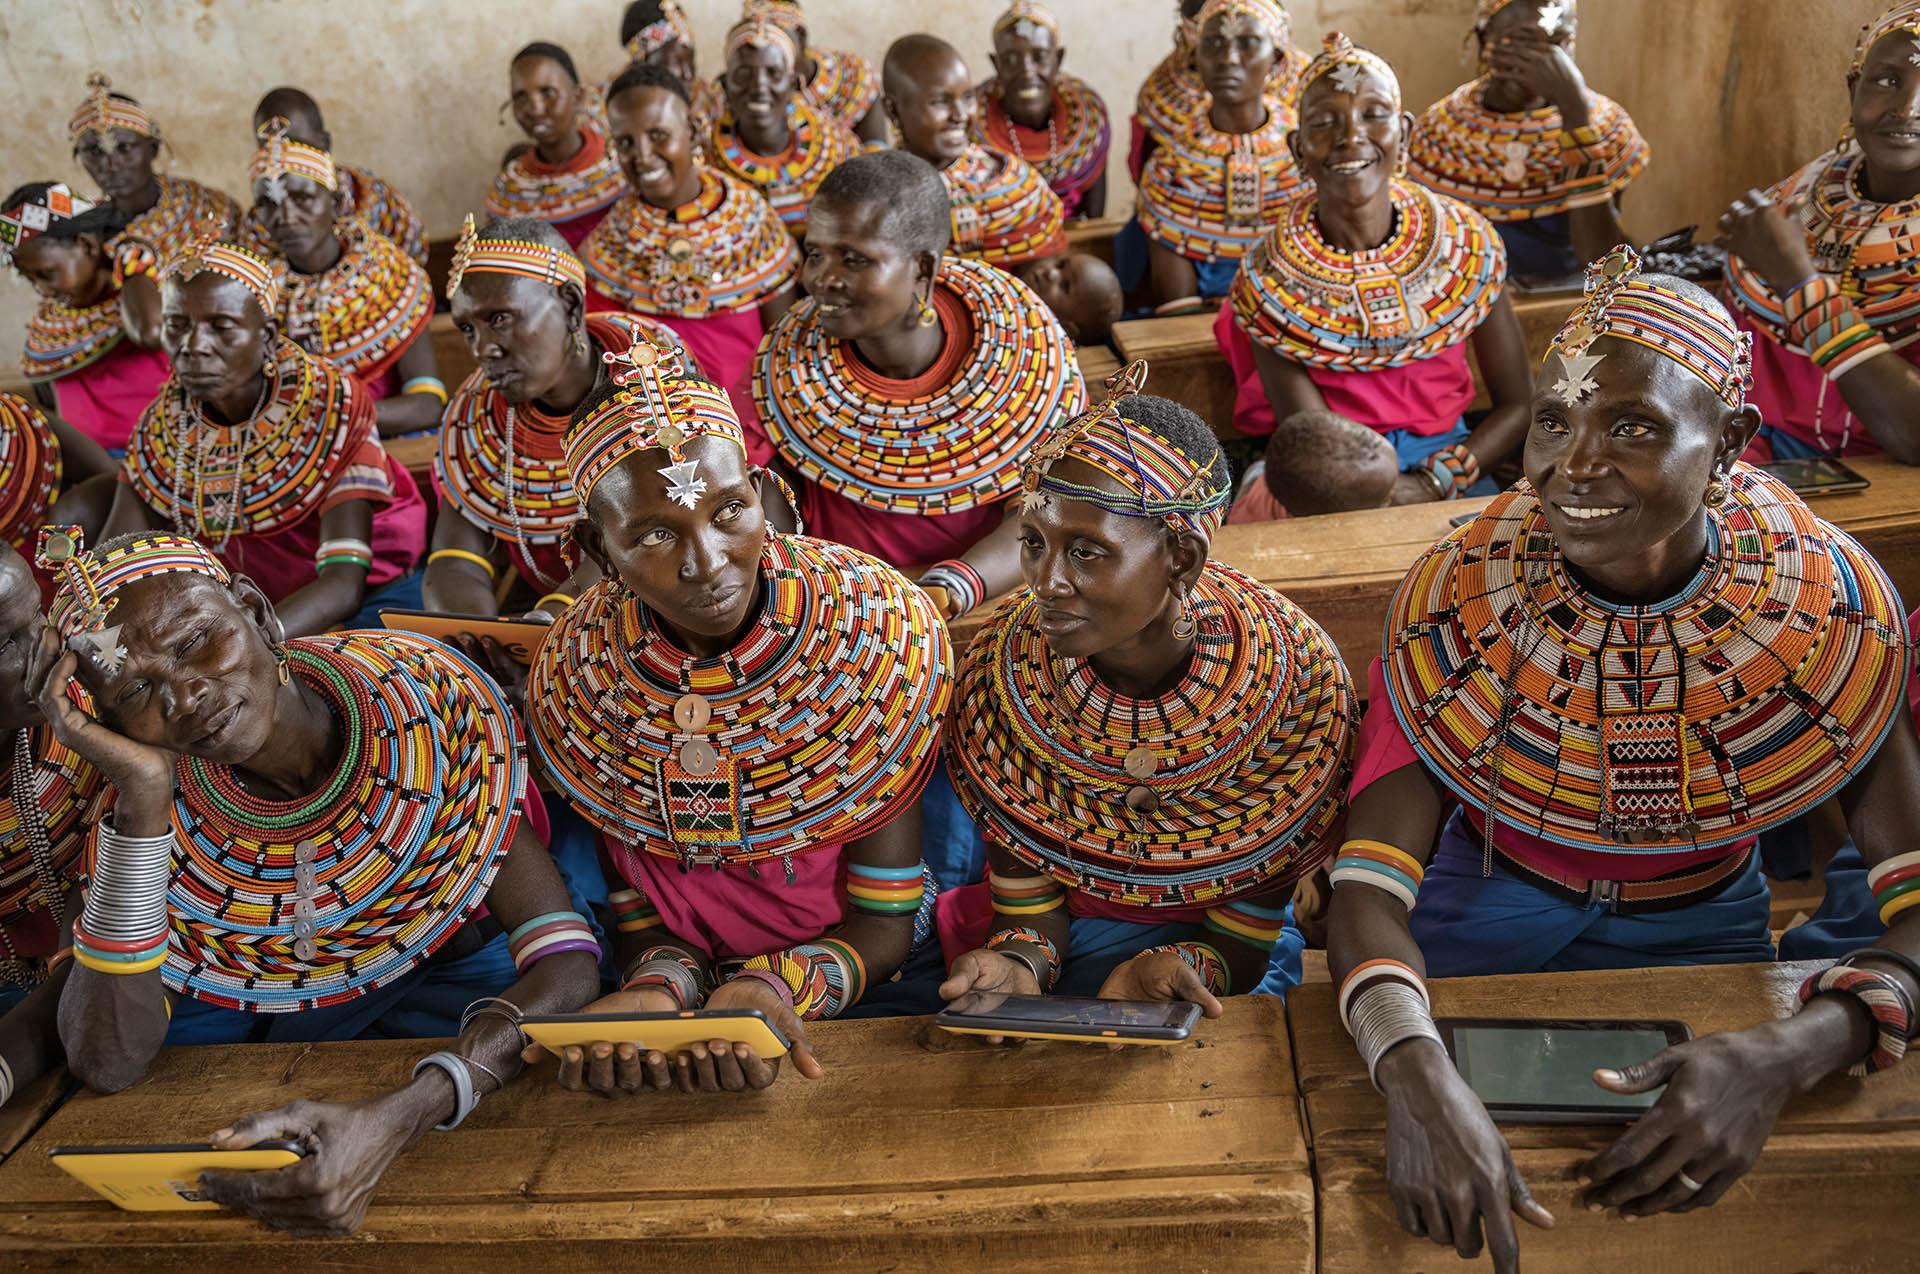 La muestra —se podrá ver en la Usina del Arte desde el 7 de febrero hasta el 24 de marzo— está dividida en seis ejes que evocan diferentes emociones: alegría, belleza, amor, sabiduría, fortaleza y esperanza. En la fotografía, mujeres del pueblo samburu, portando vestimenta tradicional, se reúnen en un aula al norte de Nairobi, Kenya, para aprender más sobre computadoras. Ciril Jazbec, 2017